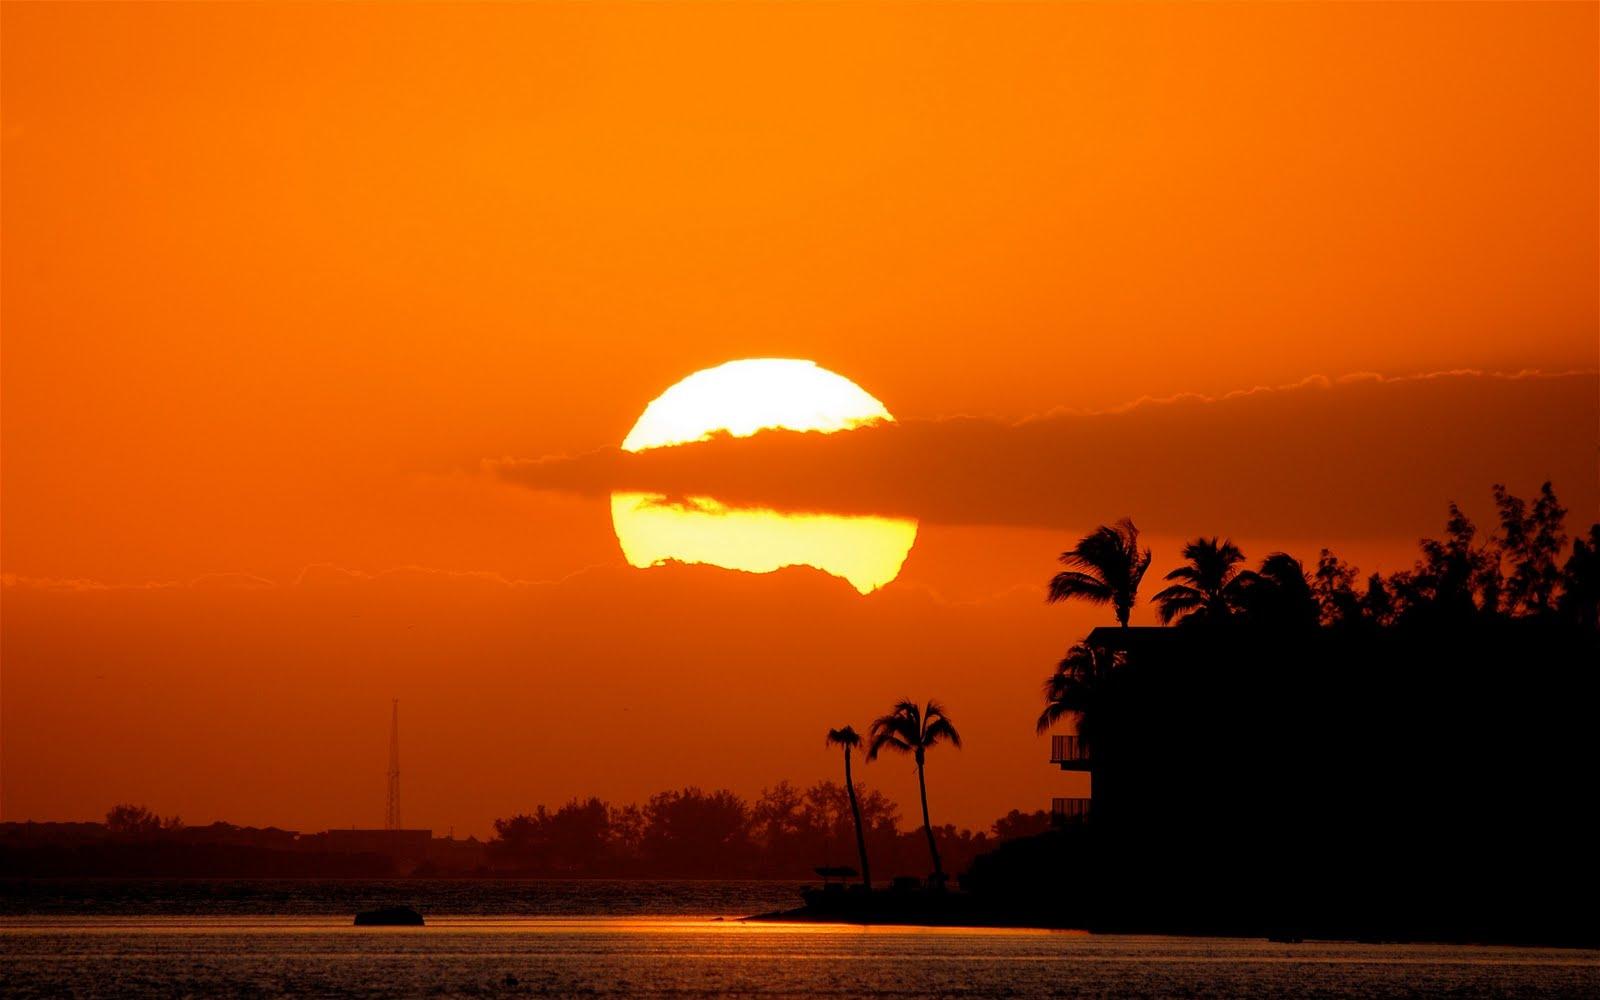 Imagem de Fundo  Pr do sol em tons laranja  Imagens de